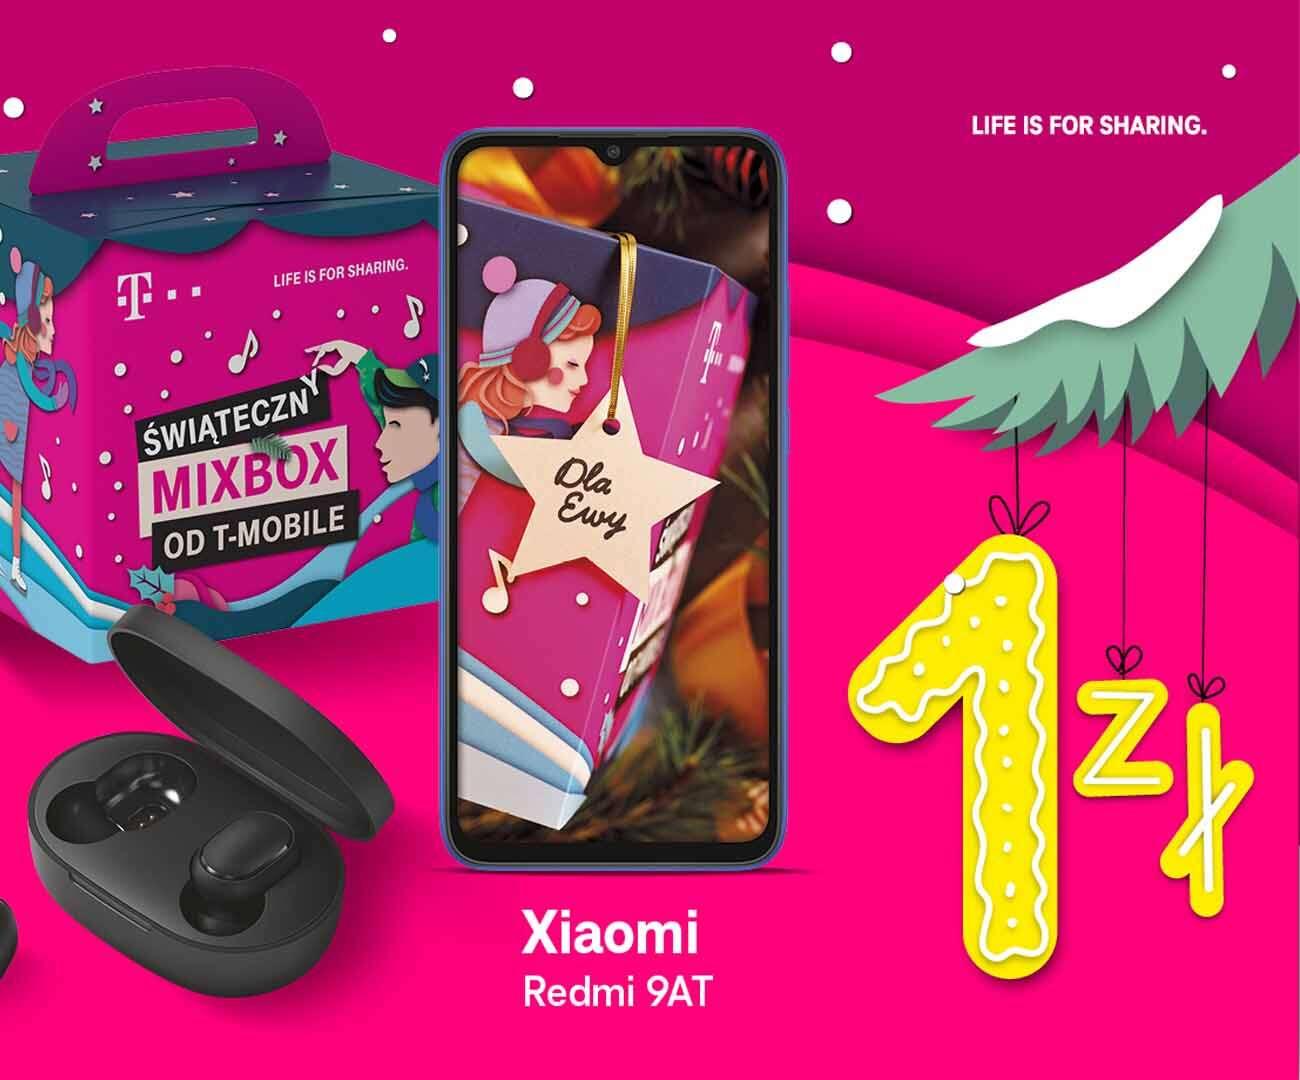 T-Mobile MIX BOX. Bo czasem gotowy prezent jest najprostszy